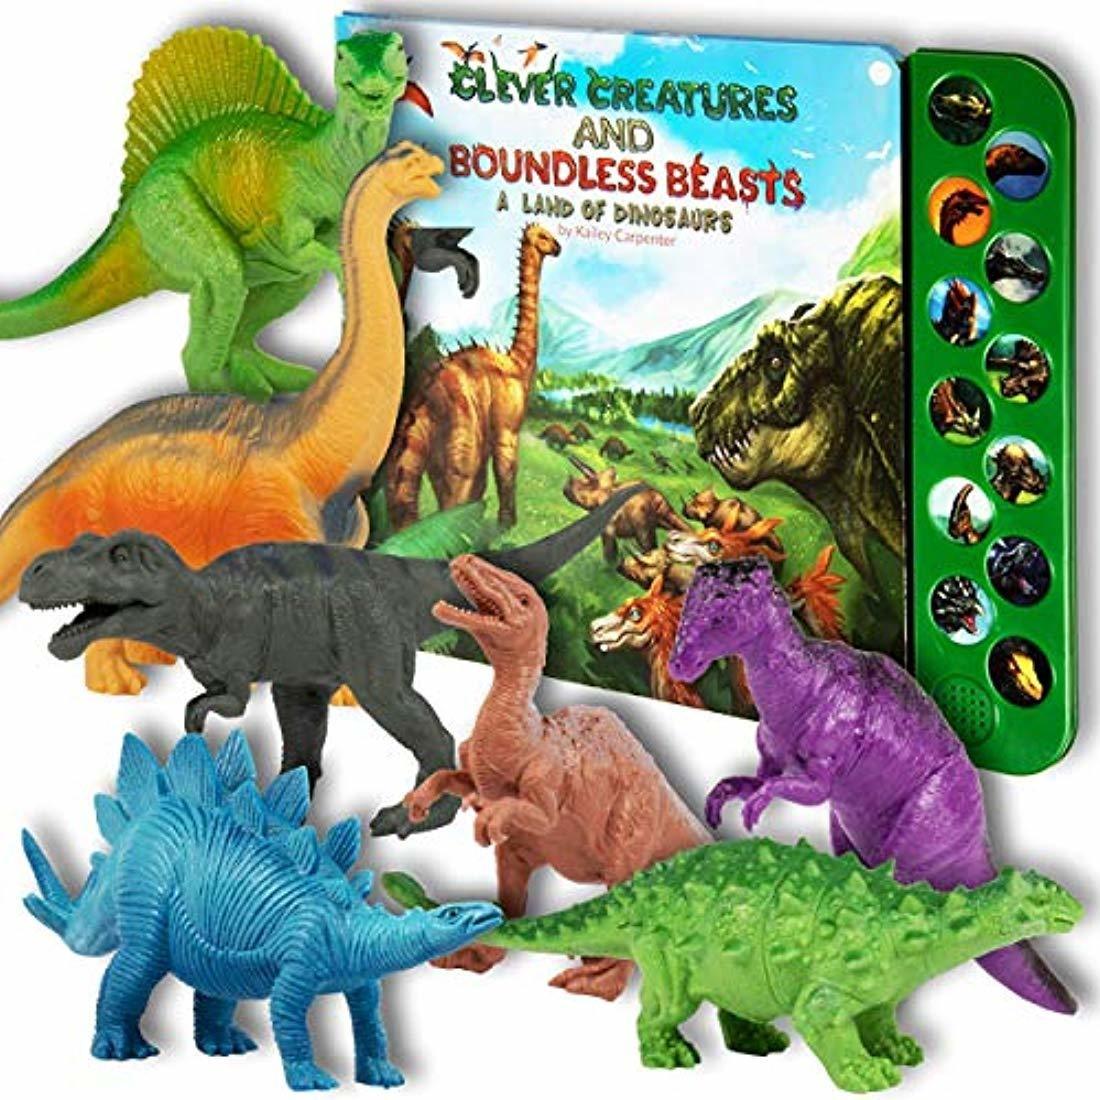 Juguetes Dinosaurios 3 Anos Tienda Online De Zapatos Ropa Y Complementos De Marca Pues he buscado dinosaurios de juguete por tres categorías. www removex pe